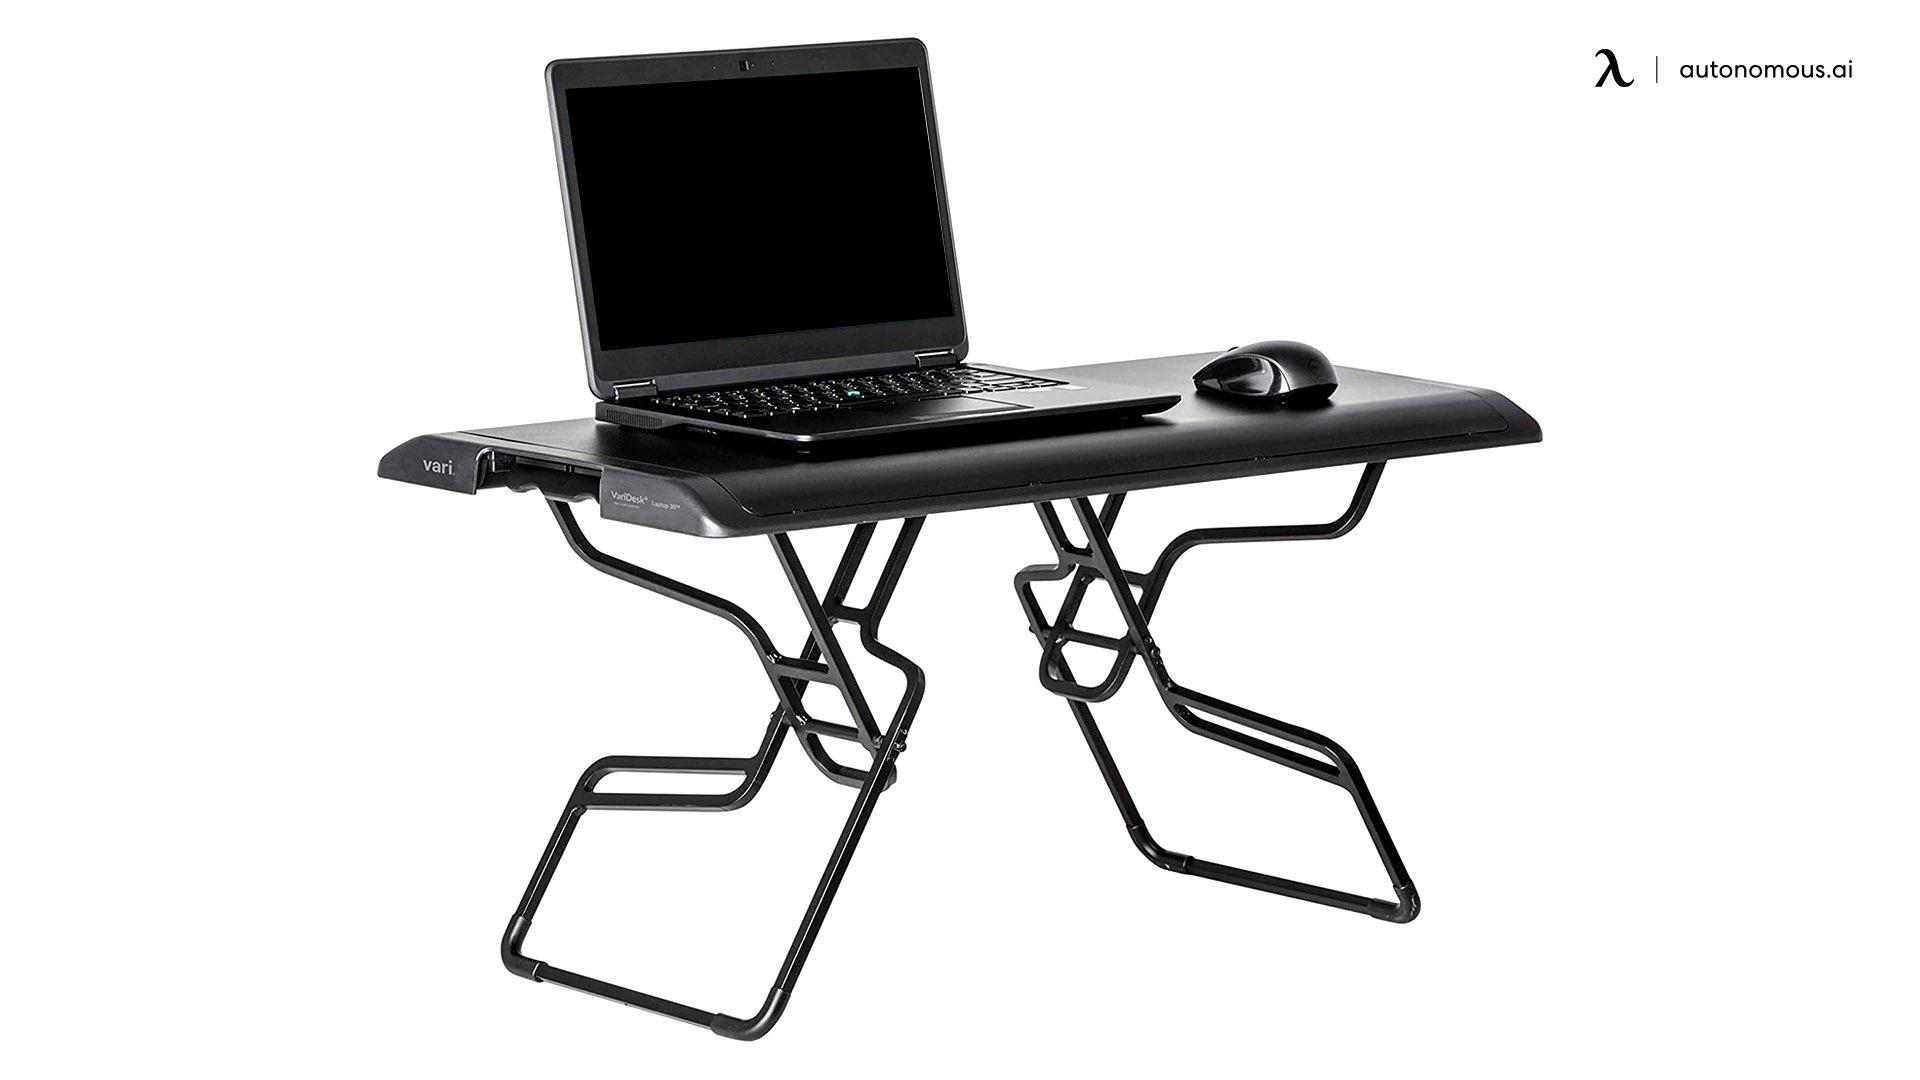 VariDesk Laptop 30 Standing Desk for Home Office